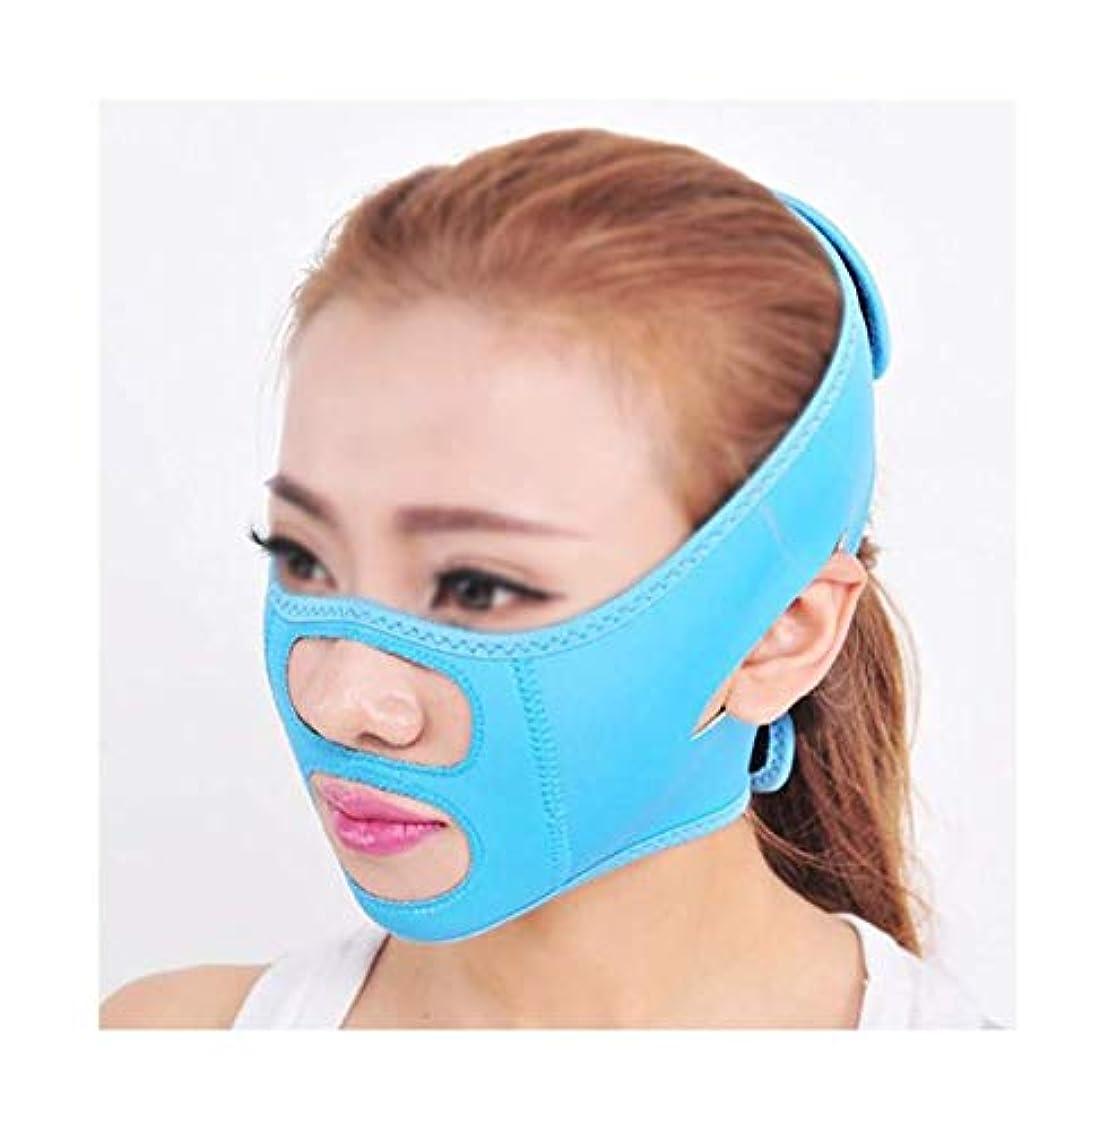 ハーブ口述遅いファーミングフェイスマスク、術後リフティングマスクホーム包帯揺れネットワーク赤女性Vフェイスステッカーストラップ楽器顔アーティファクト(色:青),青